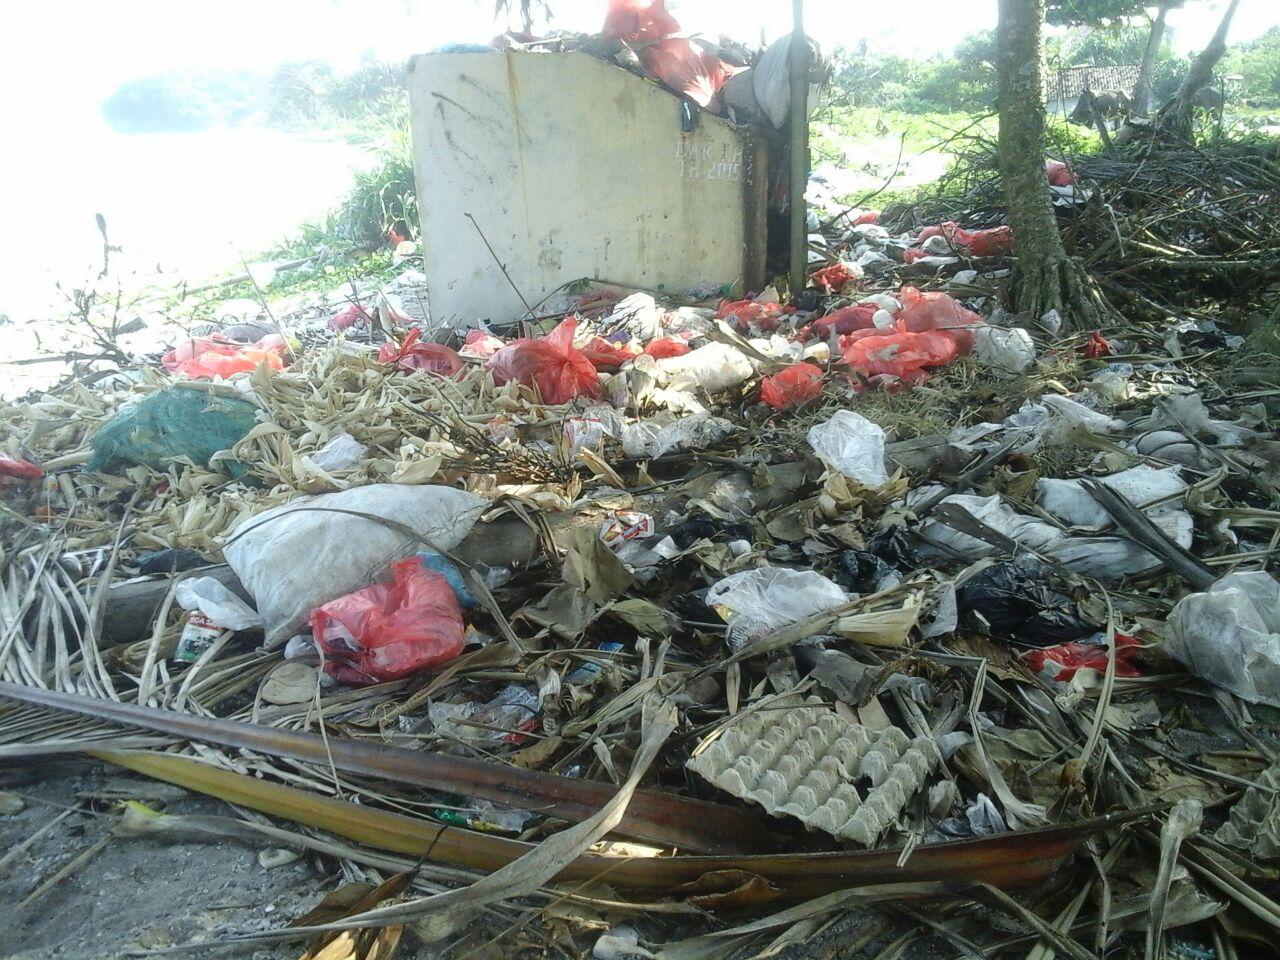 Warga Asing Pemilik Penginapan di Pesisir Barat Keluhkan Sampah yang Menumpuk